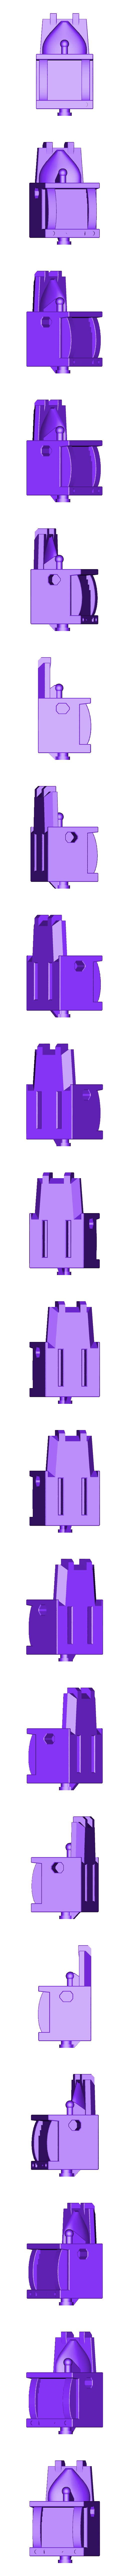 4_Brawn_Body1_Main_YELLOW.stl Download free STL file G1 Transformers Brawn • 3D printer object, Toymakr3D